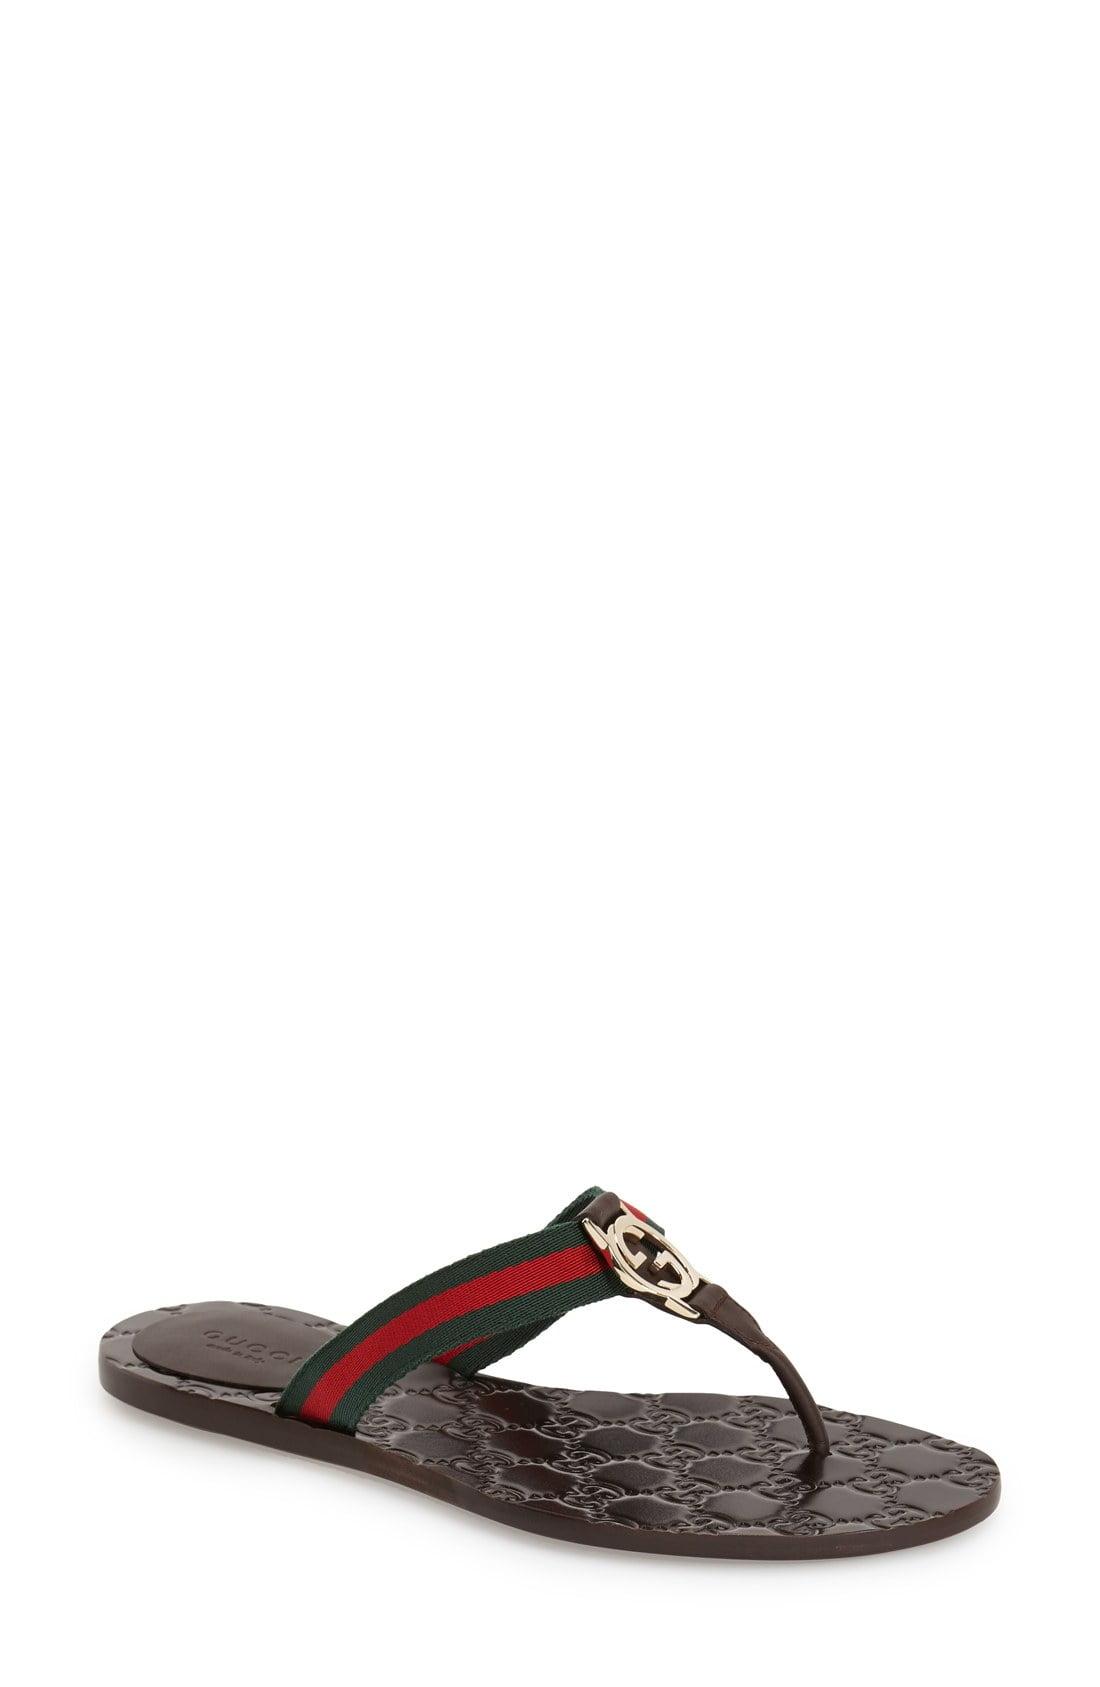 hot pink gucci sandals